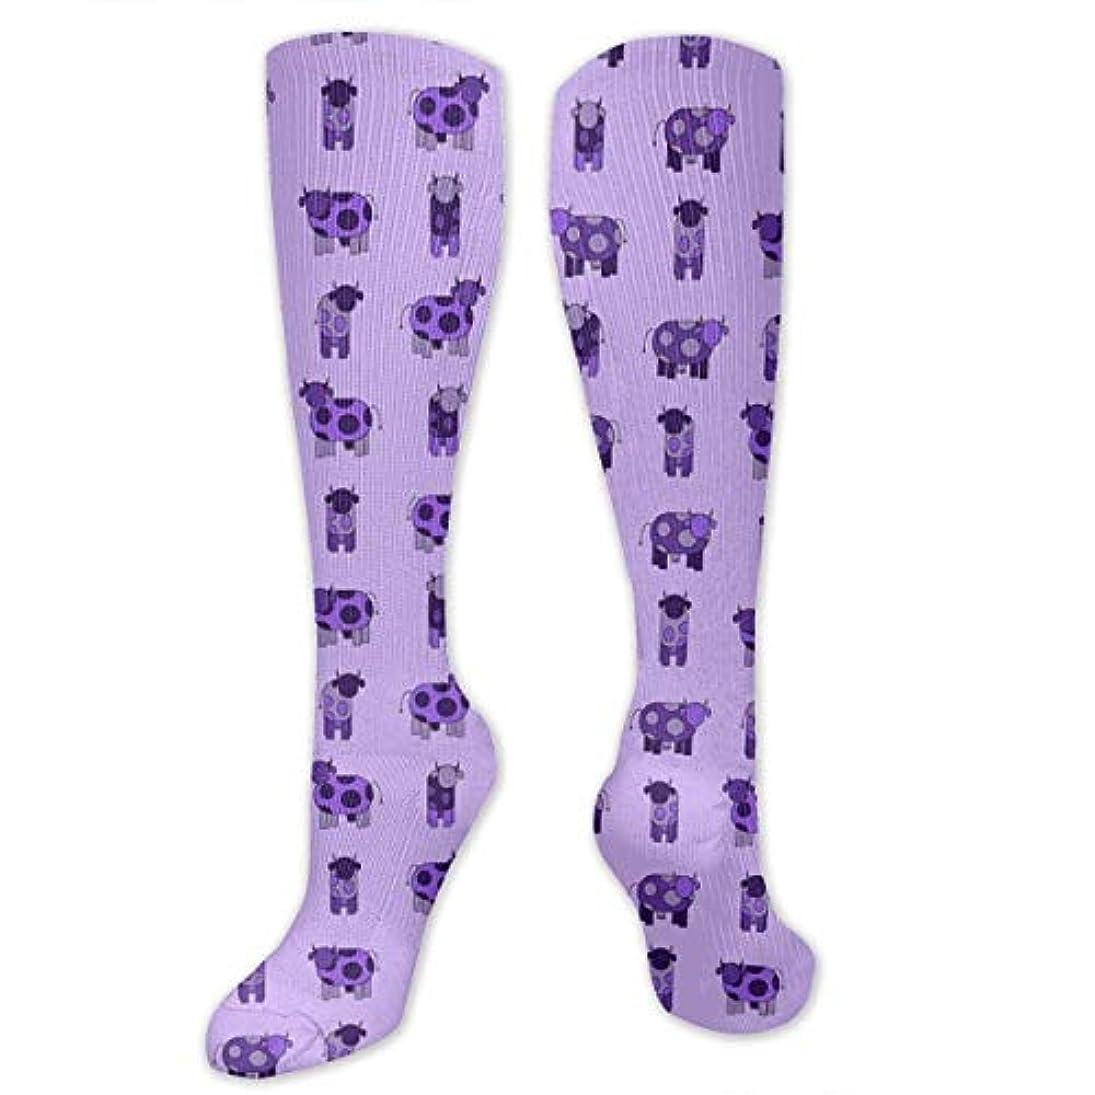 ソロゆるいパトワ靴下,ストッキング,野生のジョーカー,実際,秋の本質,冬必須,サマーウェア&RBXAA Light Purple Cows Socks Women's Winter Cotton Long Tube Socks Knee...